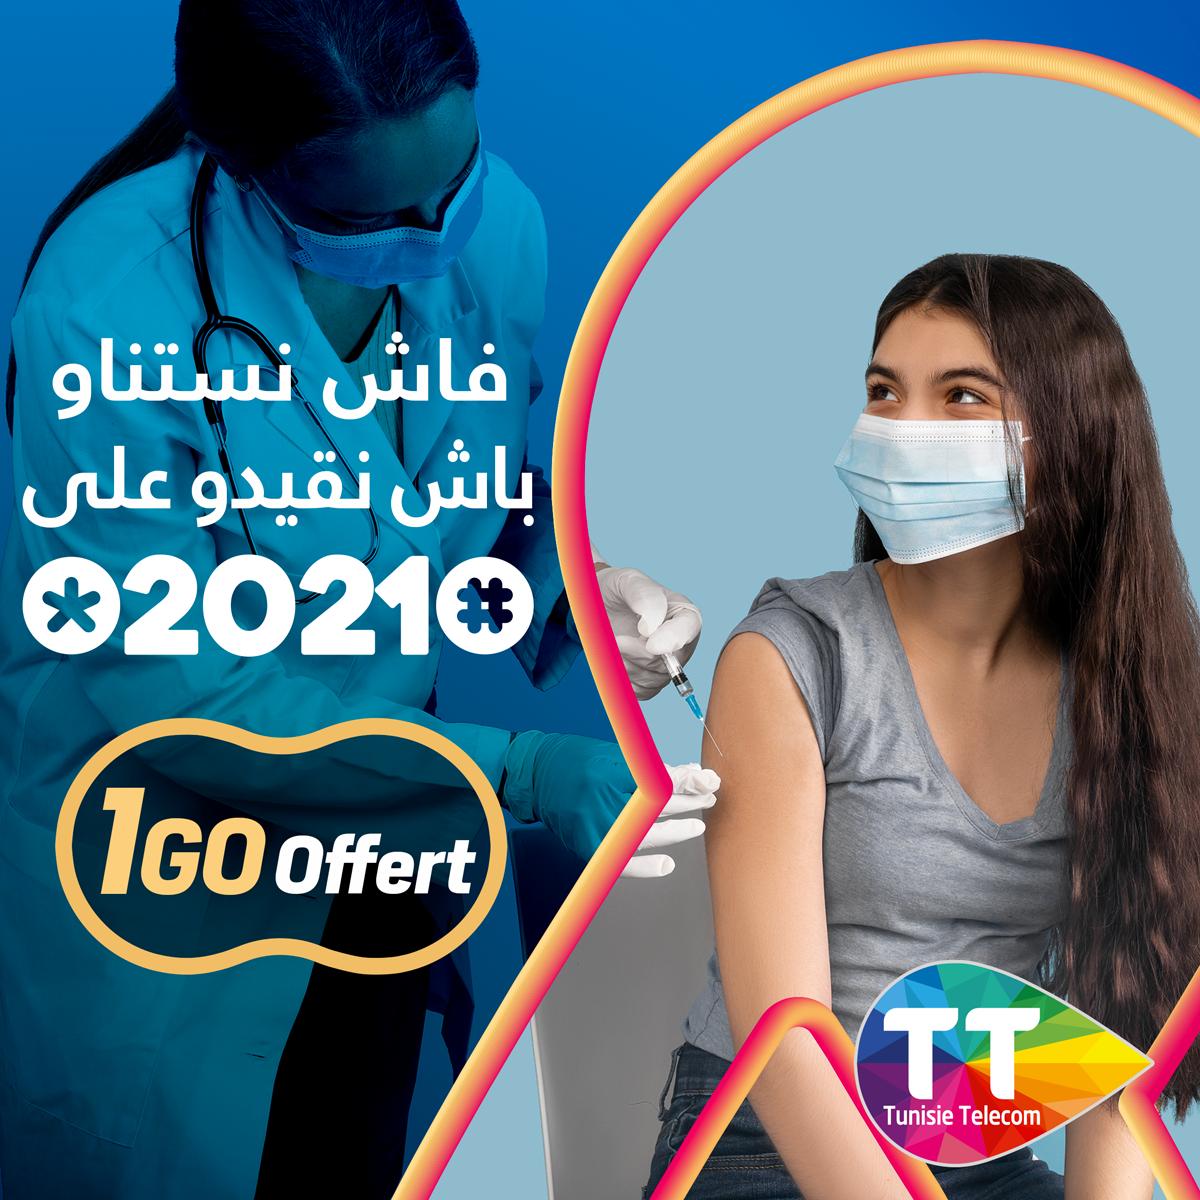 Tunisie Telecom encourage à la vaccination contre le Covid 19